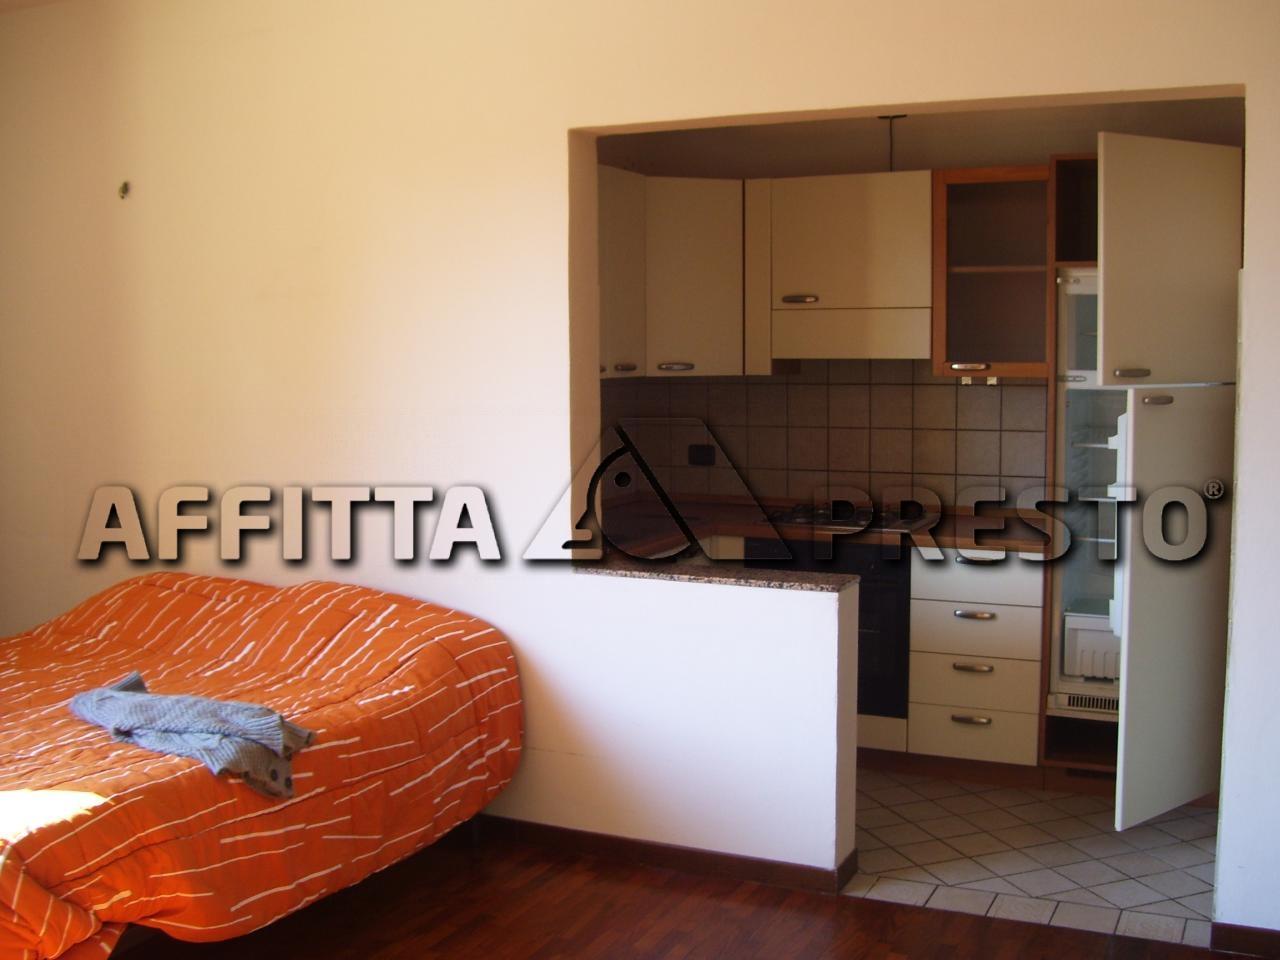 Appartamento in affitto a Cesena, 1 locali, zona Località: CASEFINALI, prezzo € 440 | CambioCasa.it